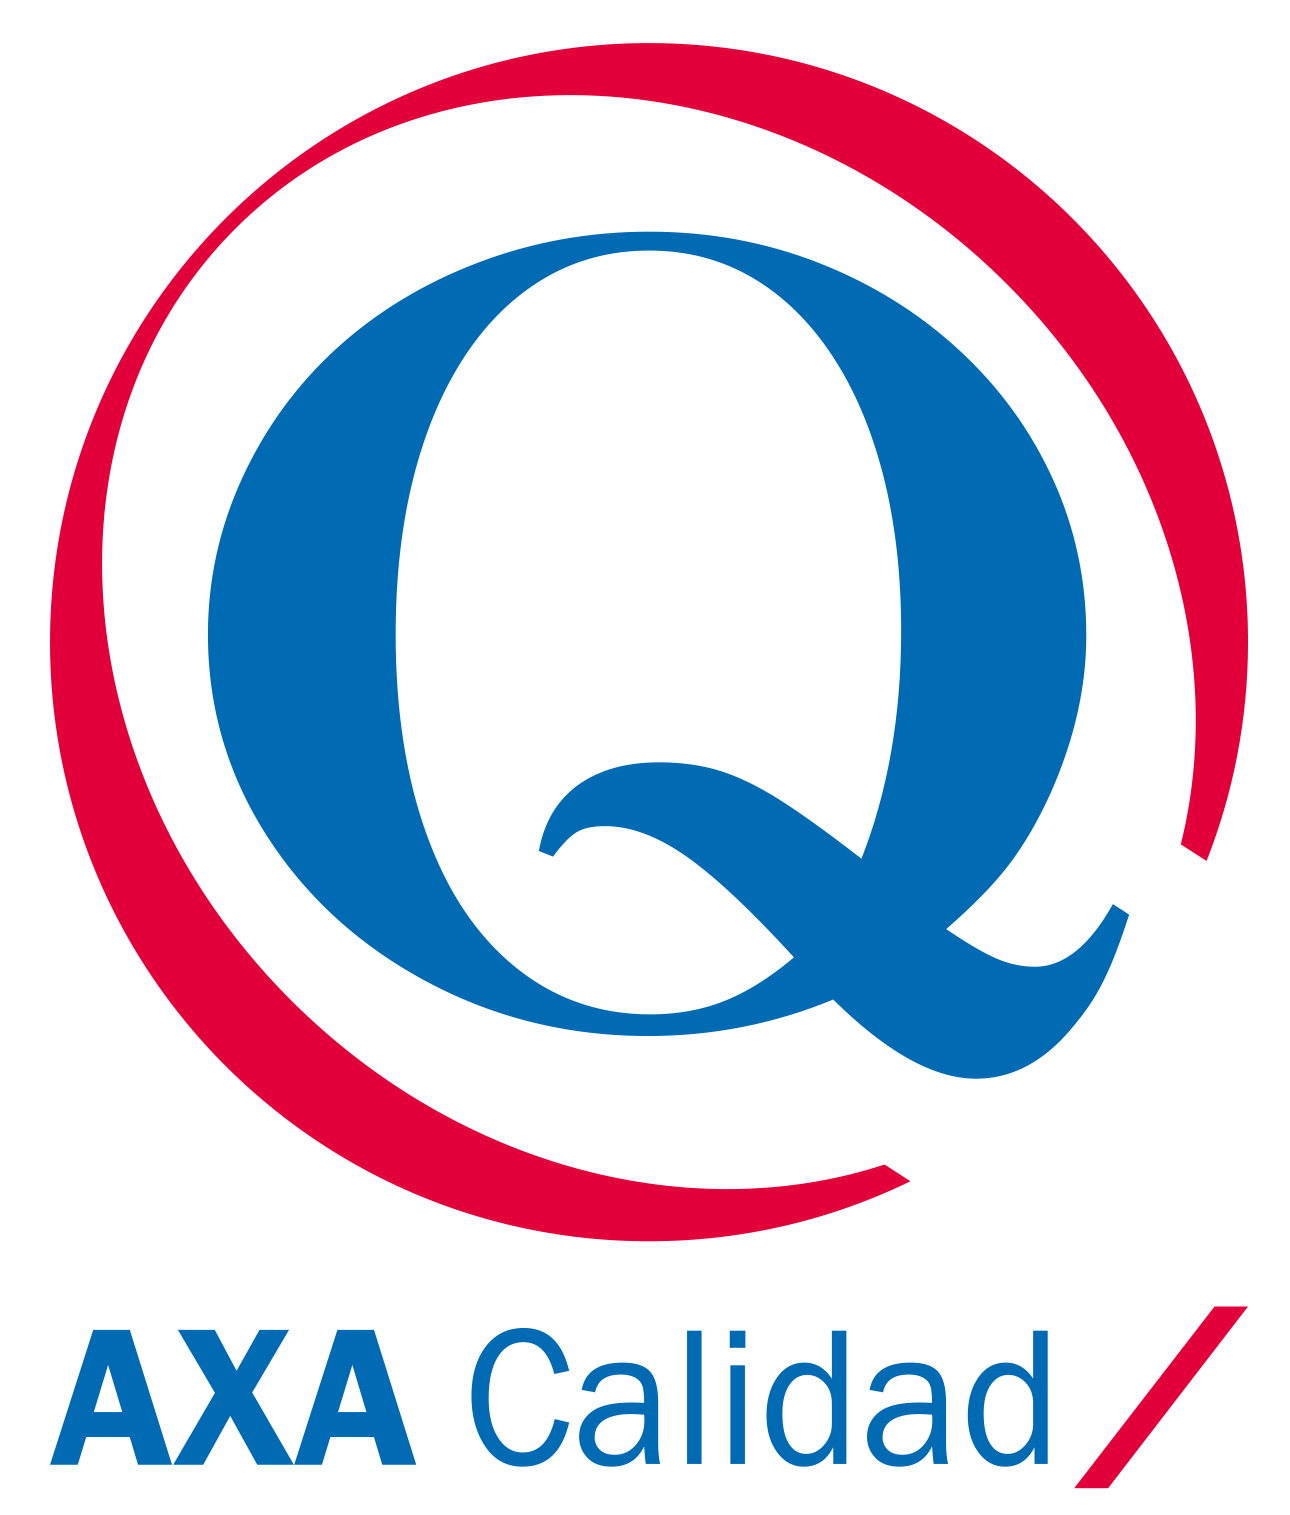 AXA Seguros España: 1/04/17 - 1/05/17